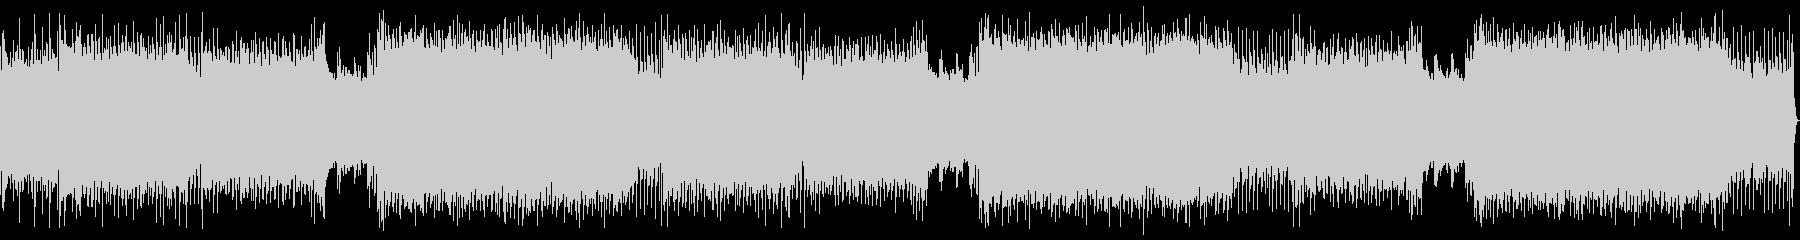 重いギターリフのカッコイイ系の四つ打ちの未再生の波形